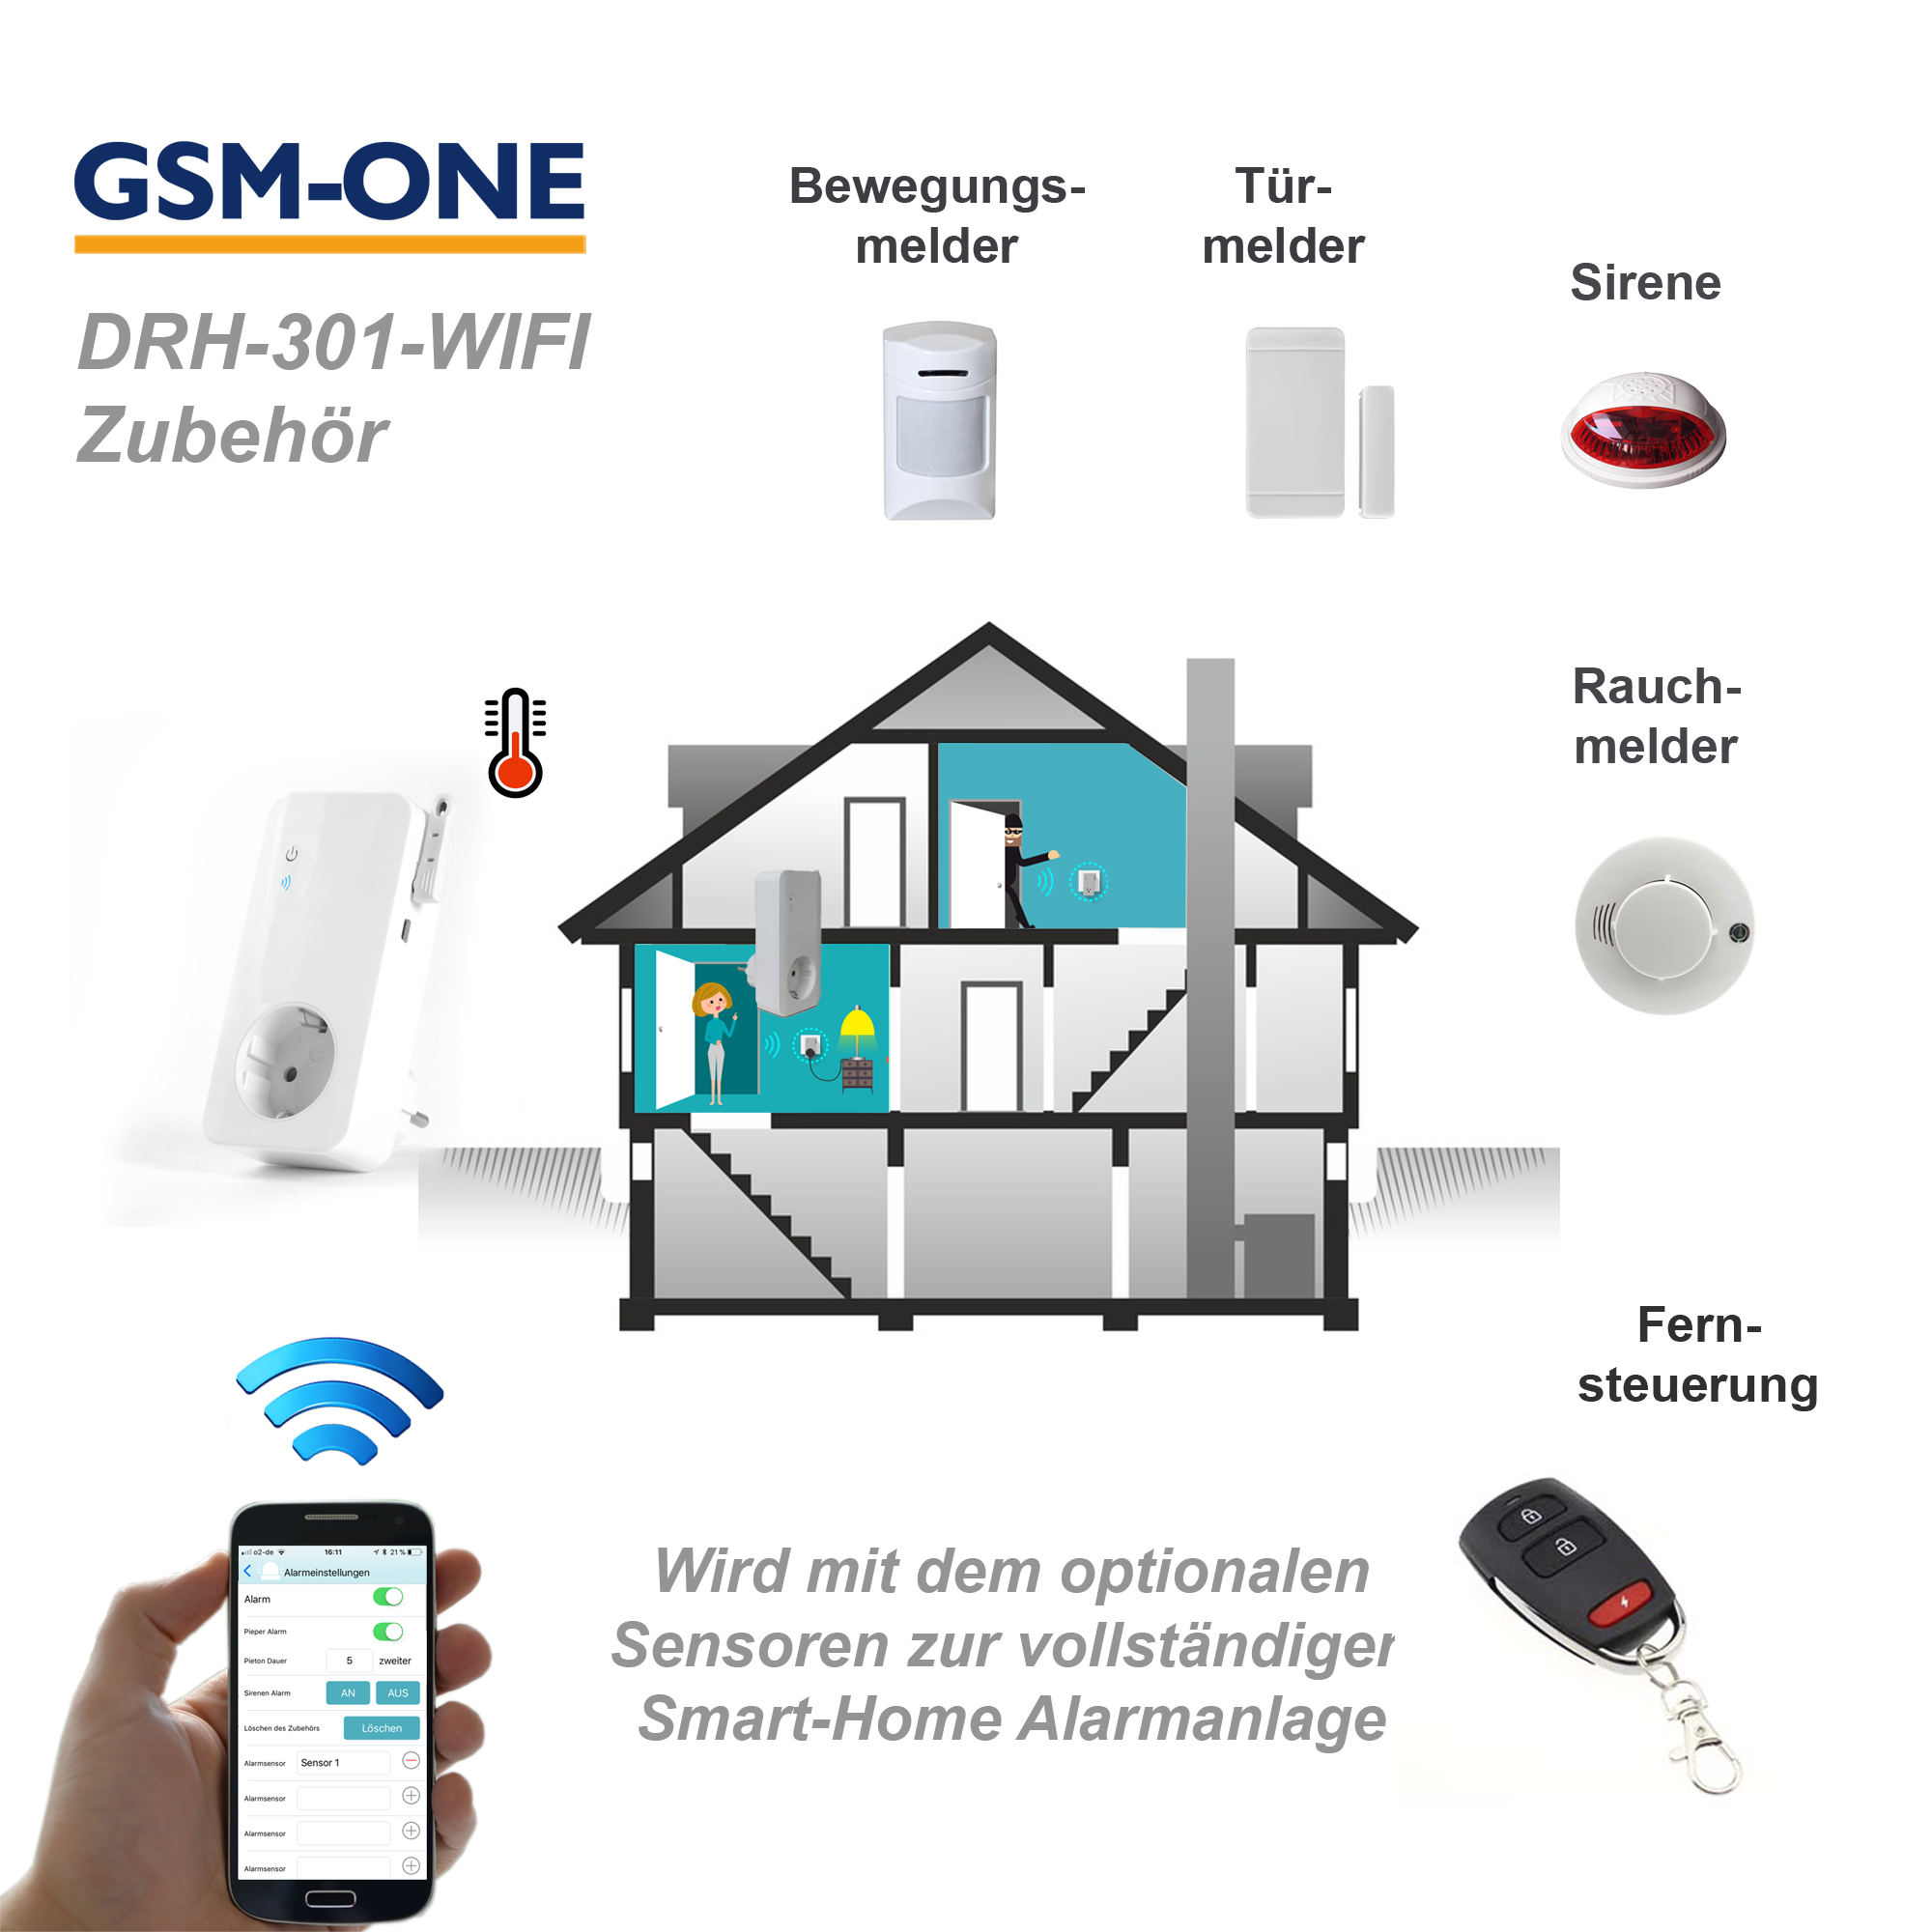 WIFI Fernschalter, Temperaturwächter und Smart-Home Heimwächter